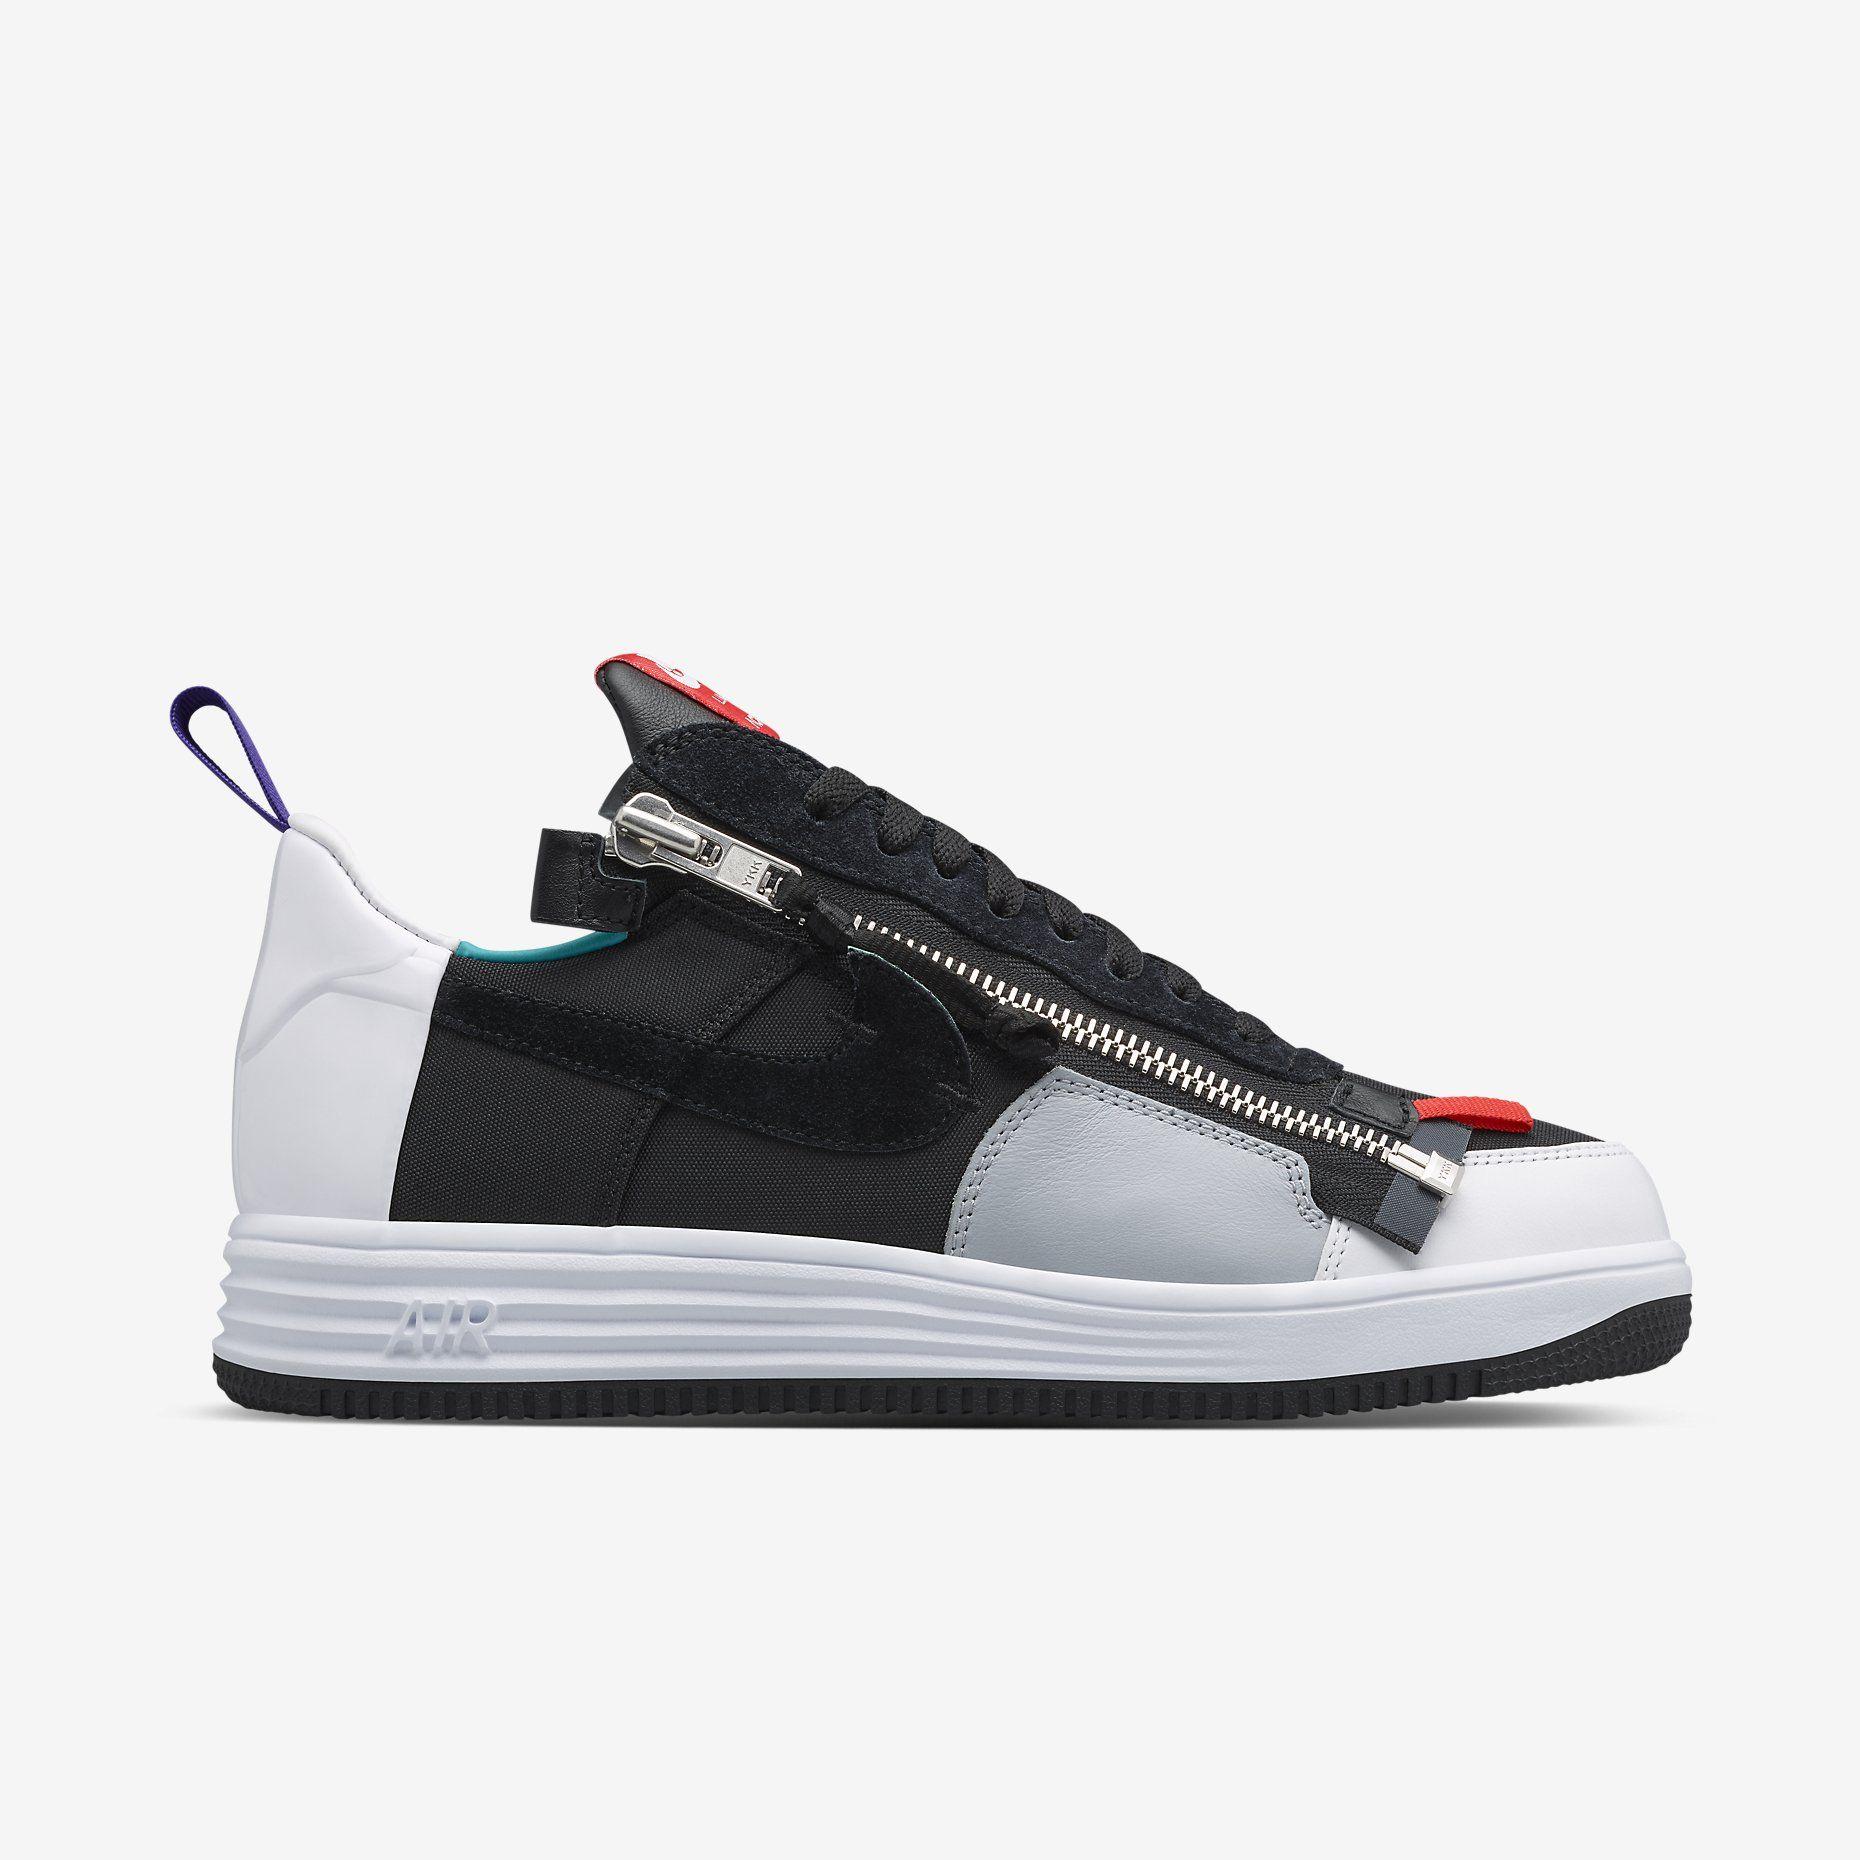 Nike X Acronym Lunar Air Force 1 White Low